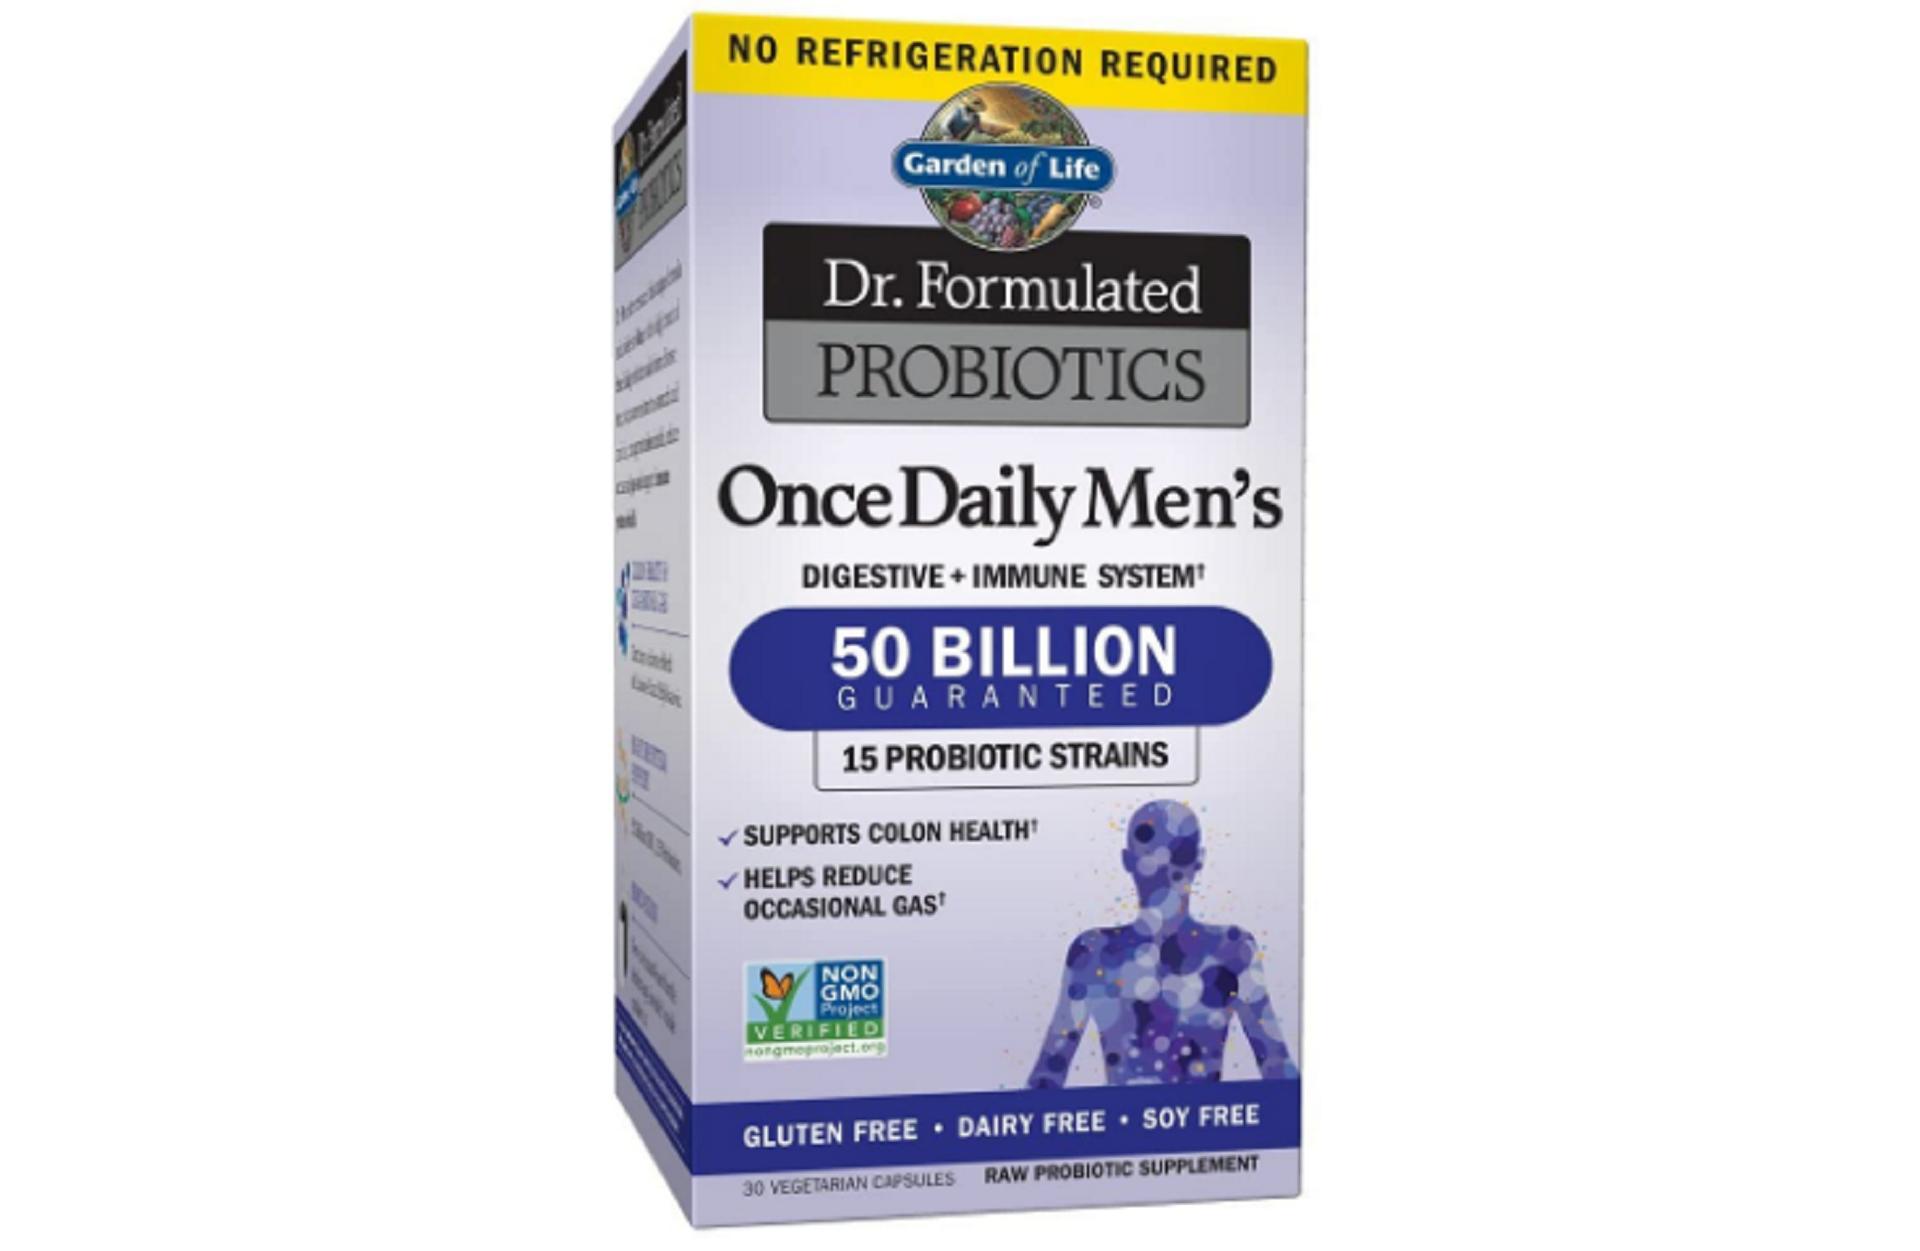 garden of life dr. formulated probiotics for men